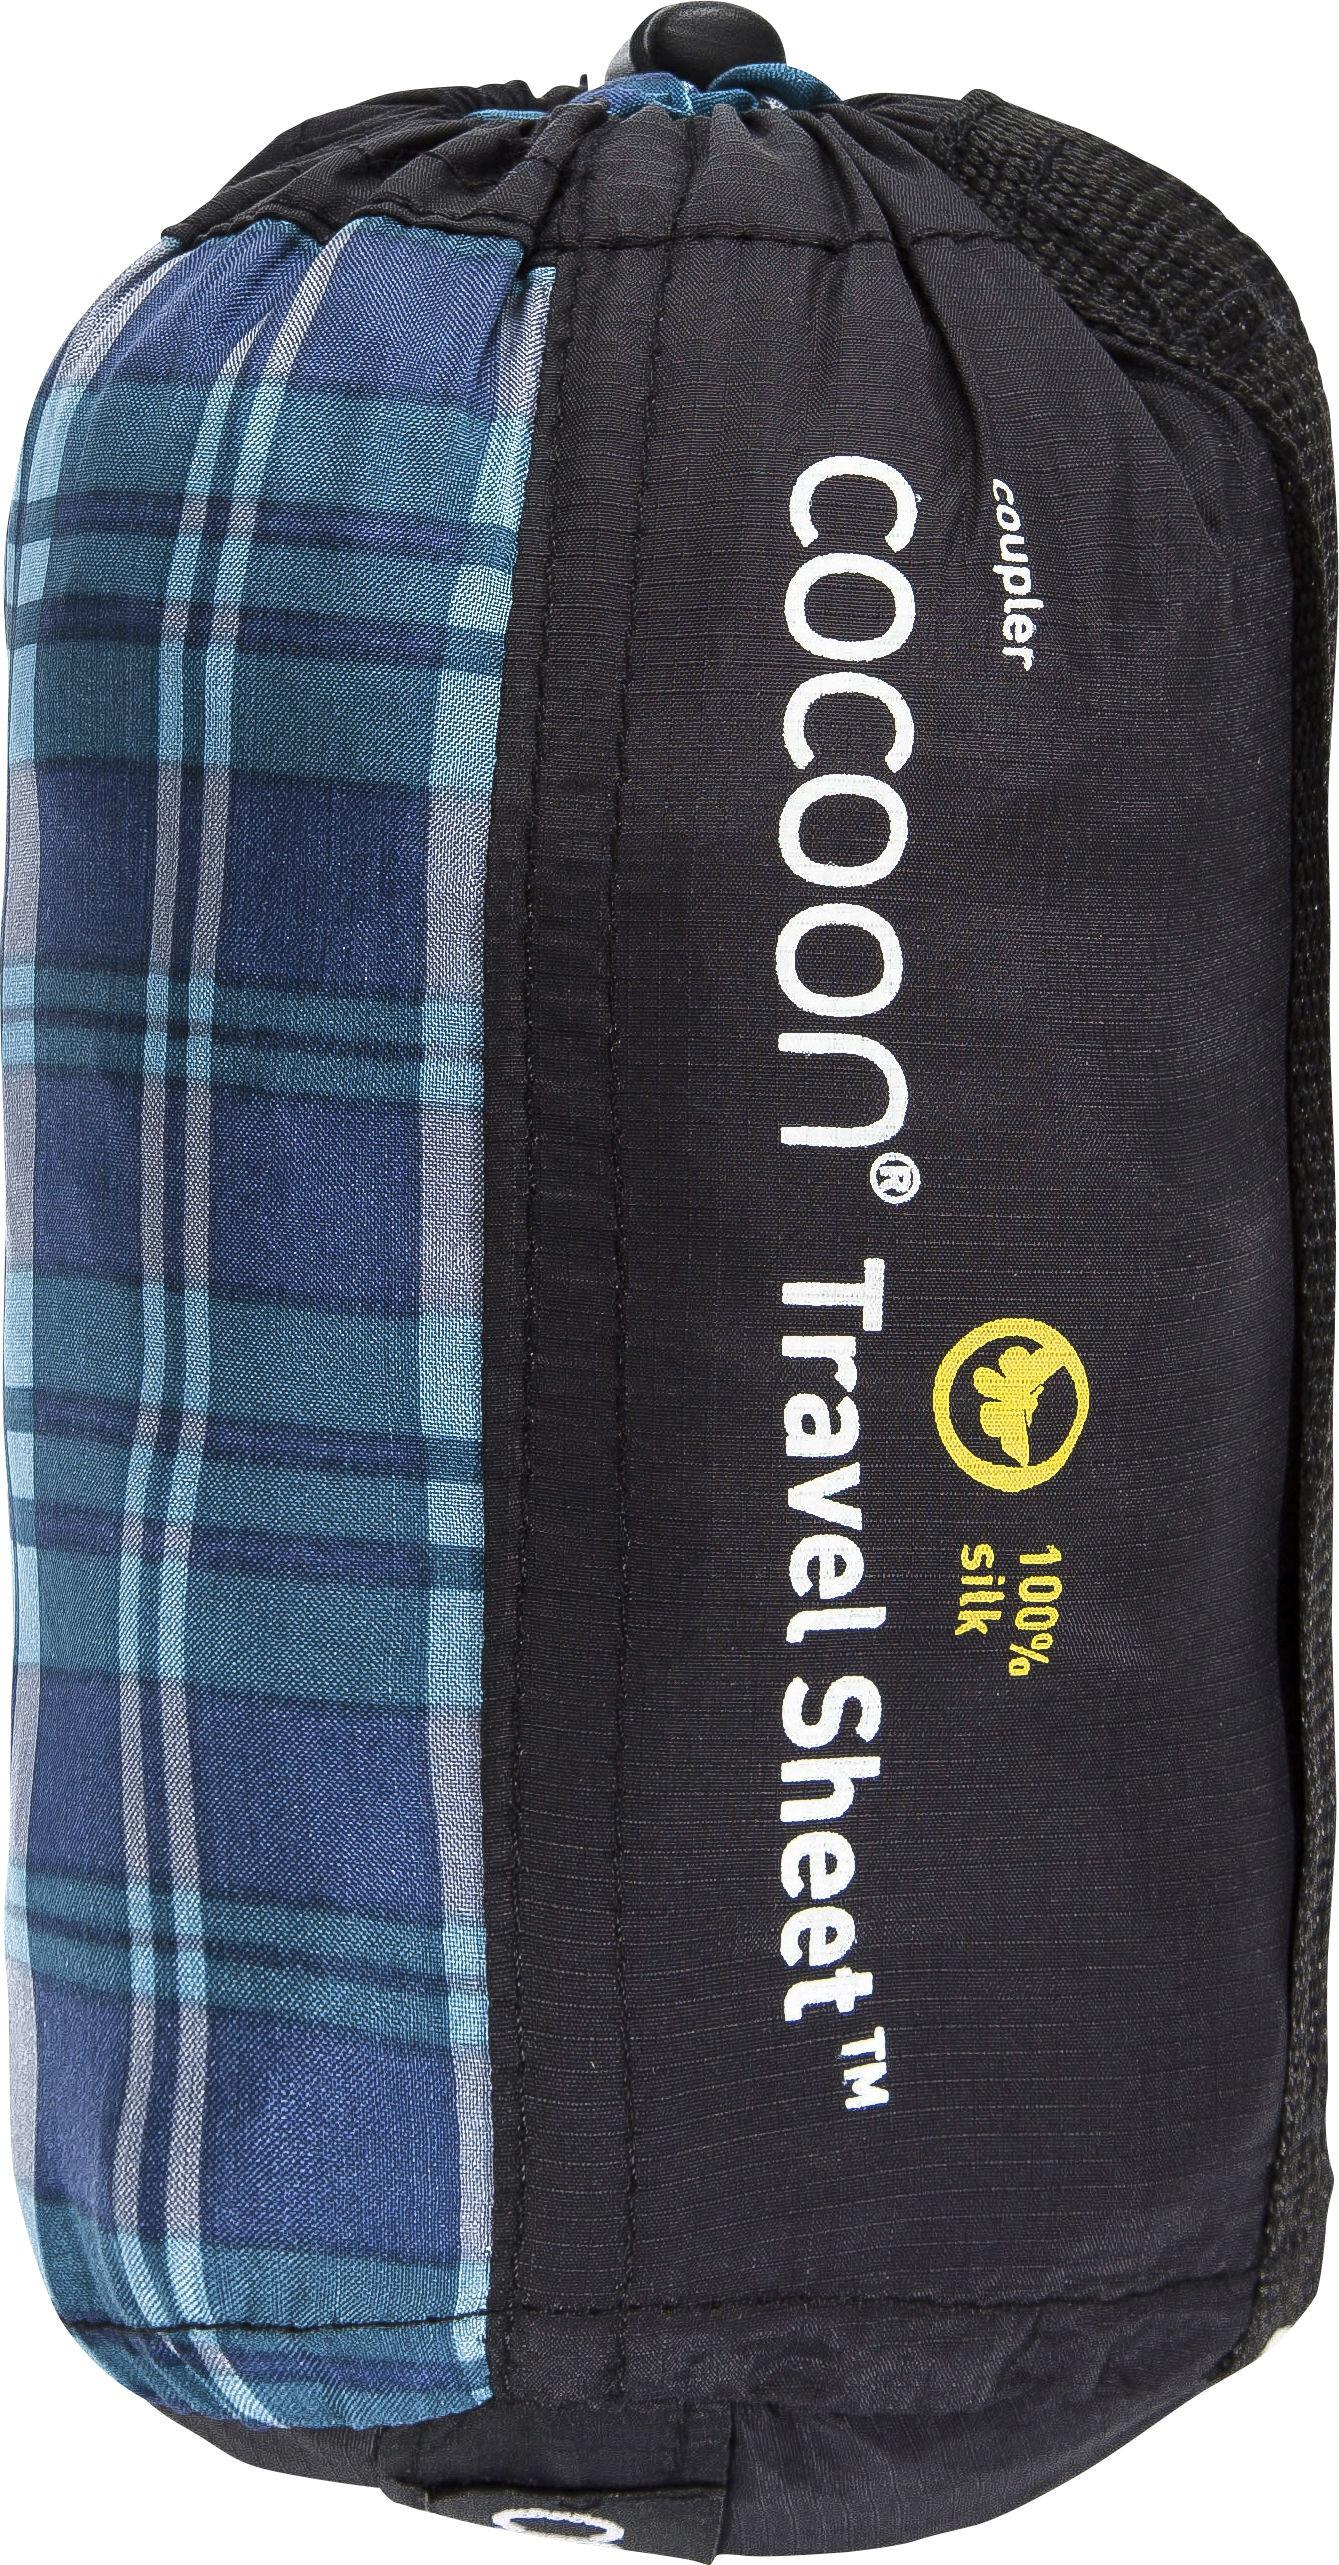 cocoon drap sac de couchage coupler soie bleu boutique de v los en ligne. Black Bedroom Furniture Sets. Home Design Ideas